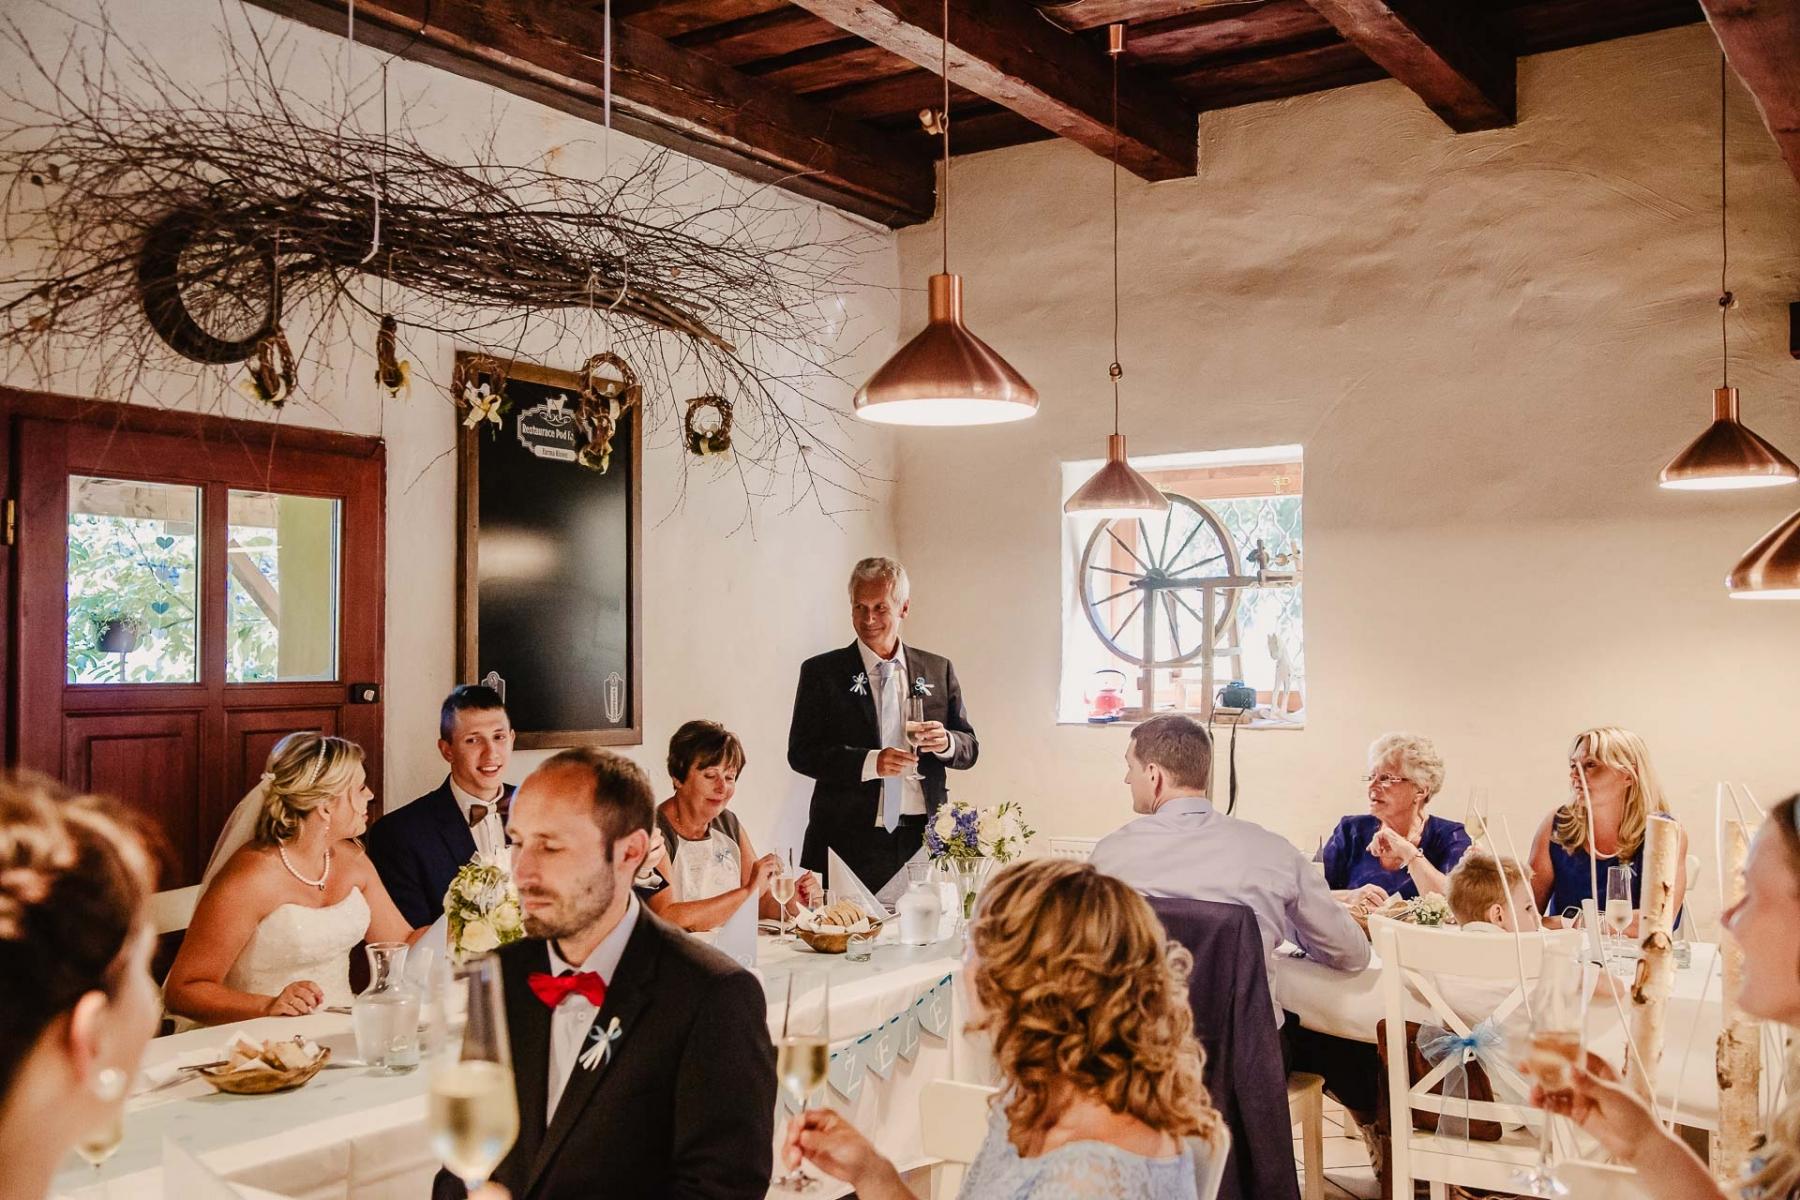 svatební fotograf zámek Mníšek pod Brdy, svatba na zámku, letní nejkrásnější zámecká svatba, Bára a Ondra-116